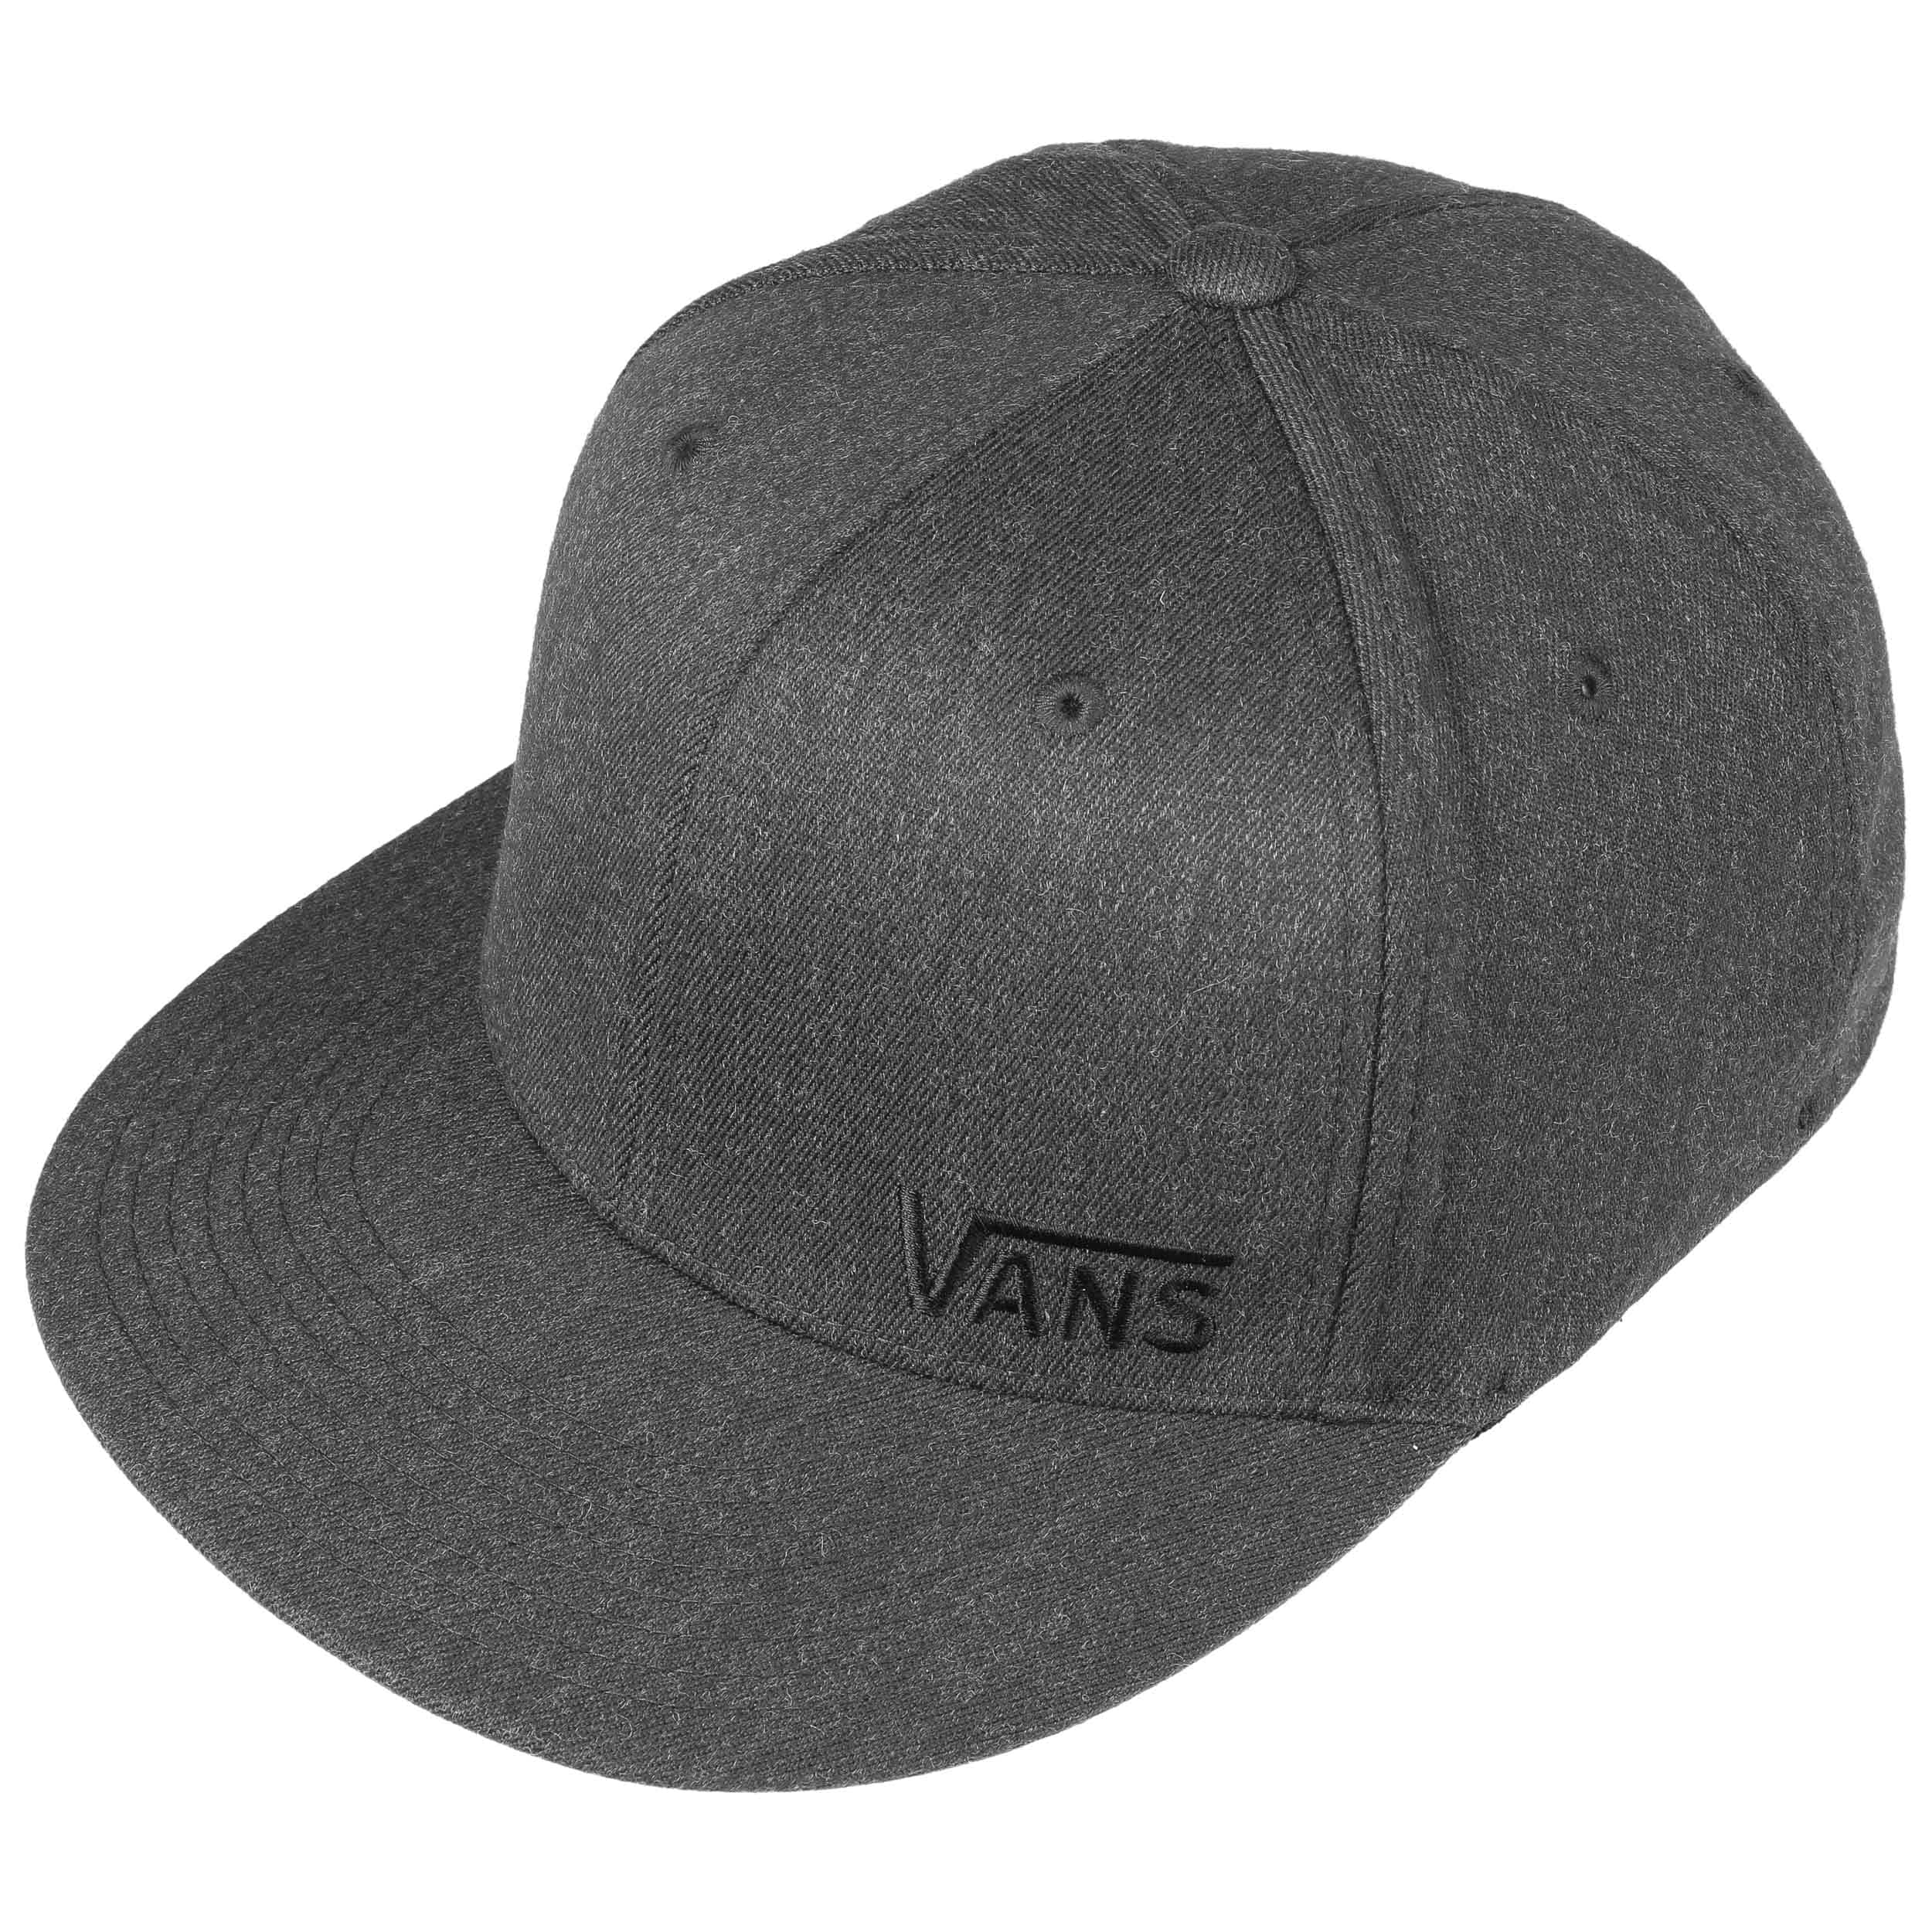 381425cd3dc ... Splitz Flexfit Cap by Vans - dark grey 1 ...